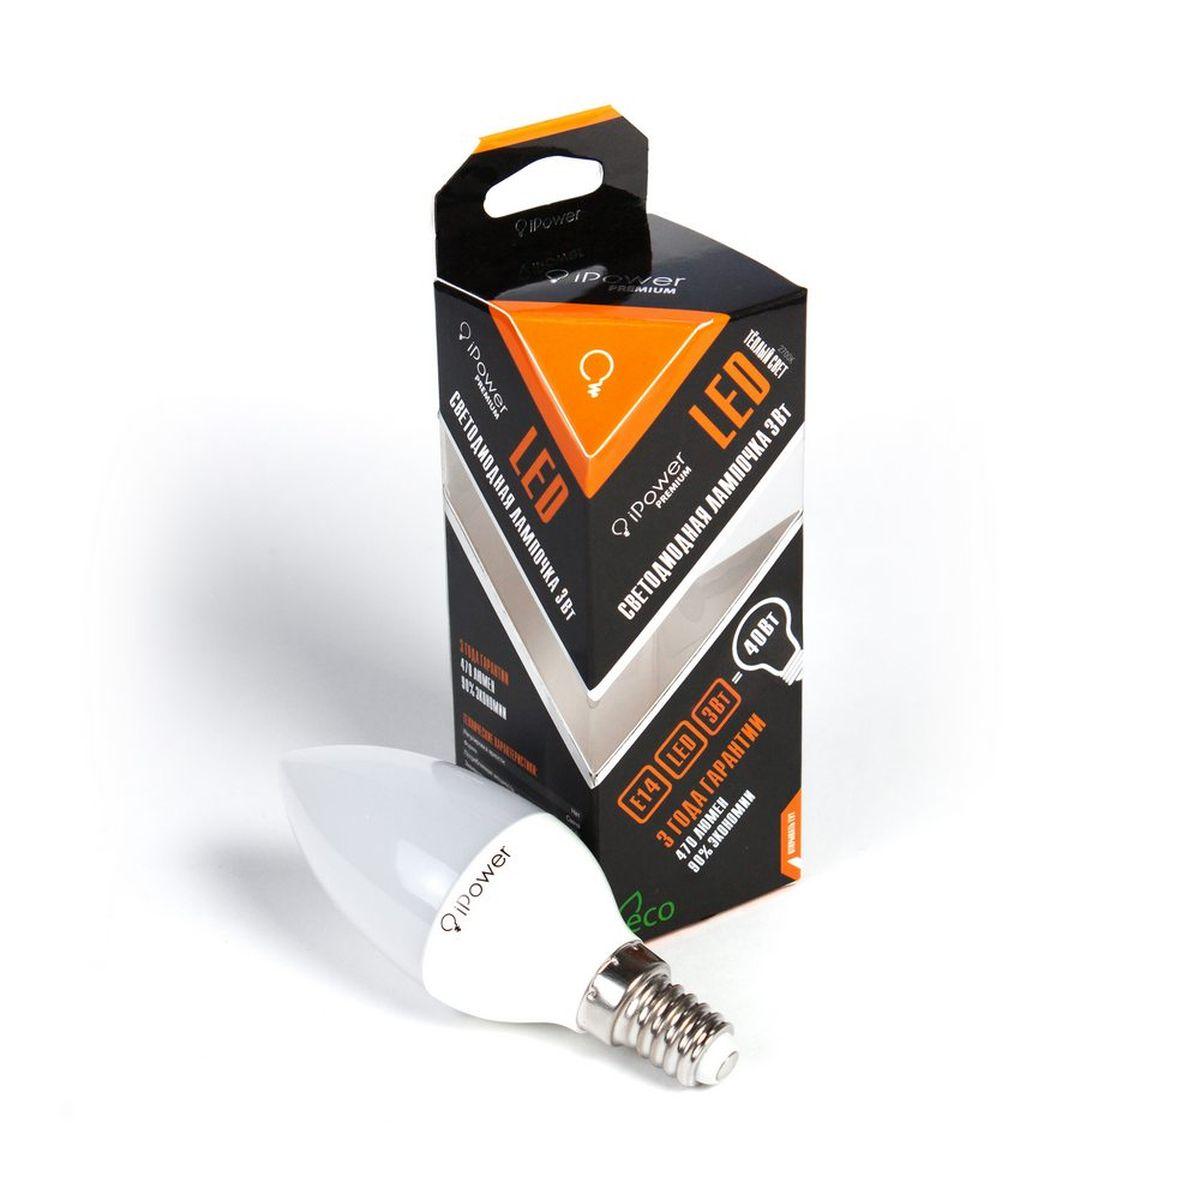 Лампа светодиодная iPower Premium, цоколь Е14, 3W, 2700КC0044108Светодиодная лампа iPower Premium имеет очень низкое энергопотребление. В сравнении с лампами накаливания LED потребляет в 12 разменьше электричества, а в сравнении с энергосберегающими - в 2-4 раза меньше. При этом срок службы LED лампочки в 5 раз выше, чемэнергосберегающей, и в 50 раз выше, чем у лампы накаливания. Светодиодная лампа iPower Premium создает мягкий рассеивающий свет безмерцаний, что совершенно безопасно для глаз. Она специально разработана по требованиям российских и европейских законов и подходит ковсем осветительным устройствам, совместимым со стандартным цоколем E27. Использование светодиодов от мирового лидера Epistar - этозалог надежной и стабильной работы лампы. Теплый оттенок света лампы по световой температуре соответствует обычной лампе накаливания ипозволит создать уют в доме и местах отдыха.Диапазон рабочих температур от -50°С до +50 °СМатериал: алюминий, поликарбонат.Потребляемая мощность: 3 Вт.Рабочее напряжение: 220В.Световая температура: 2700К (теплый свет).Срок службы: 50000 часов.Форма: свеча.Цоколь: миньон (E14).Эквивалент мощности лампы накаливания: 40 Вт.Яркость свечения: 250 Лм.